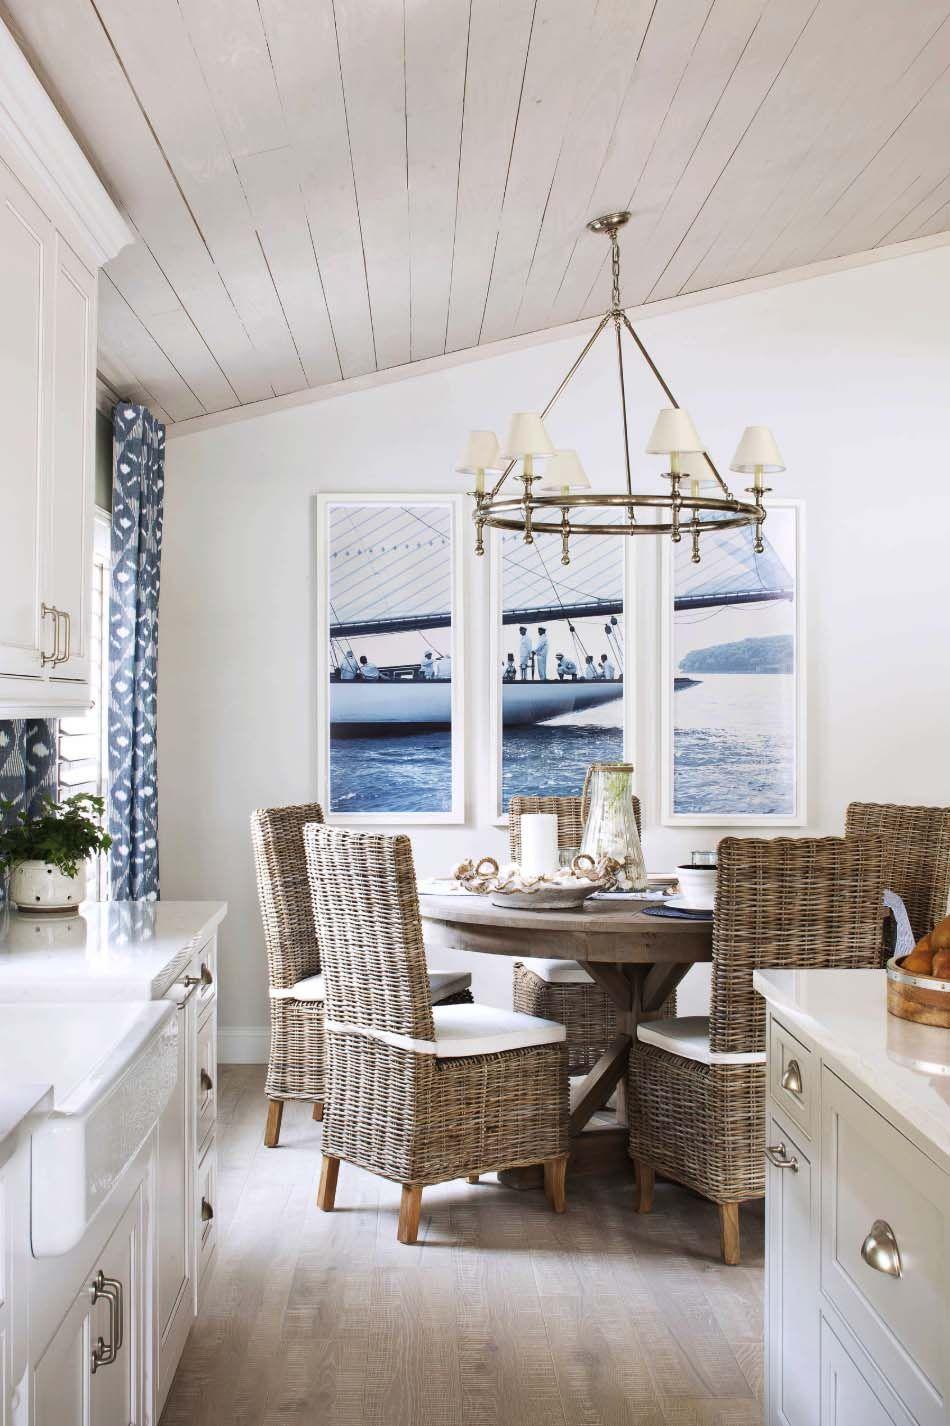 Gemütliches Ferienhaus am Meer bietet luftigen Strand Stil Leben in Florida #strandhuis